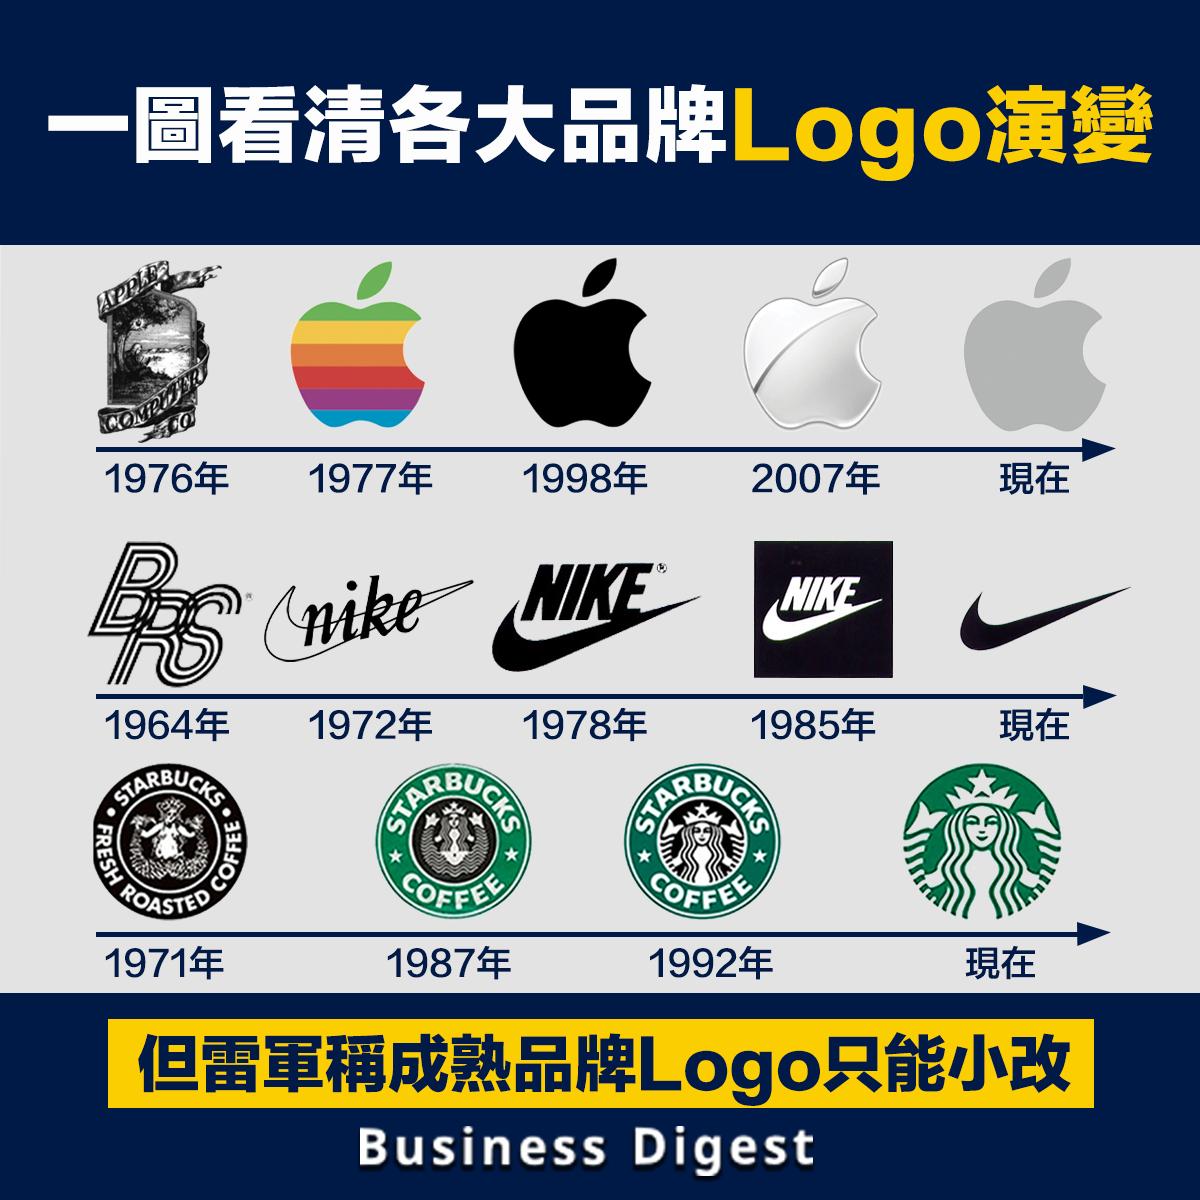 回顧一下各大品牌Logo的演變。